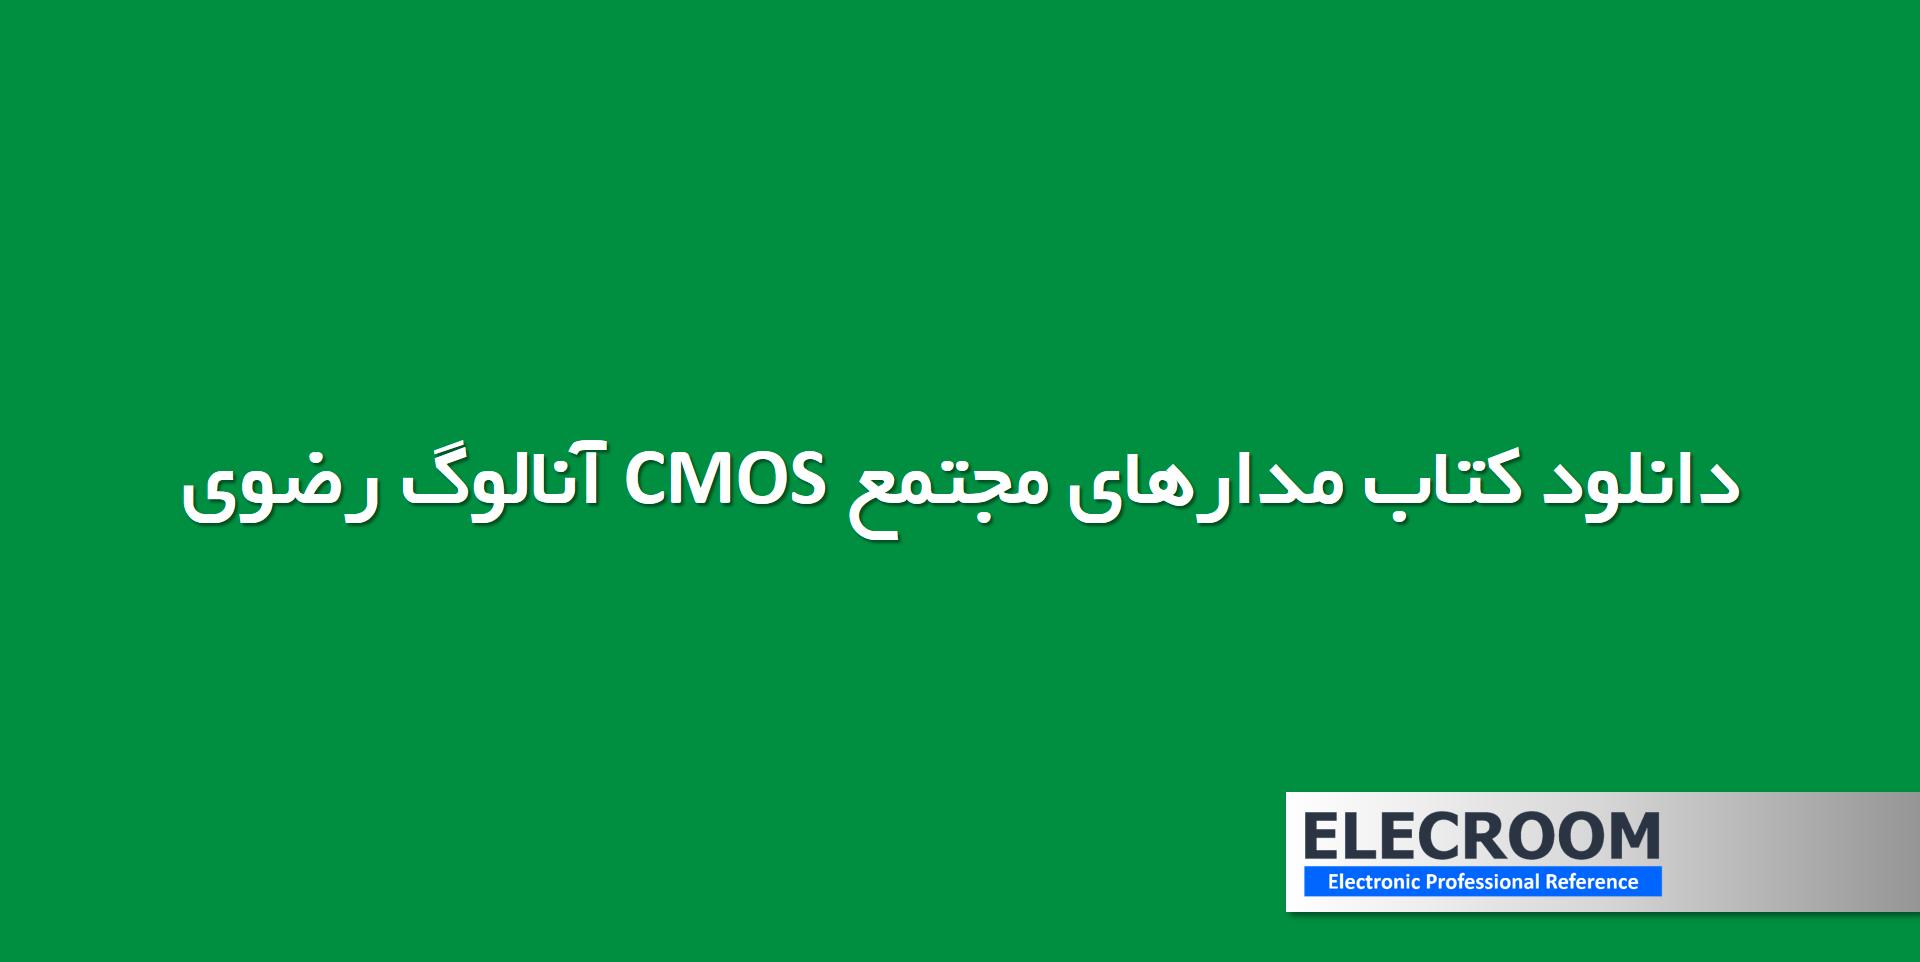 دانلود کتاب طراحی مدارهای مجتمع CMOS آنالوگ رضوی